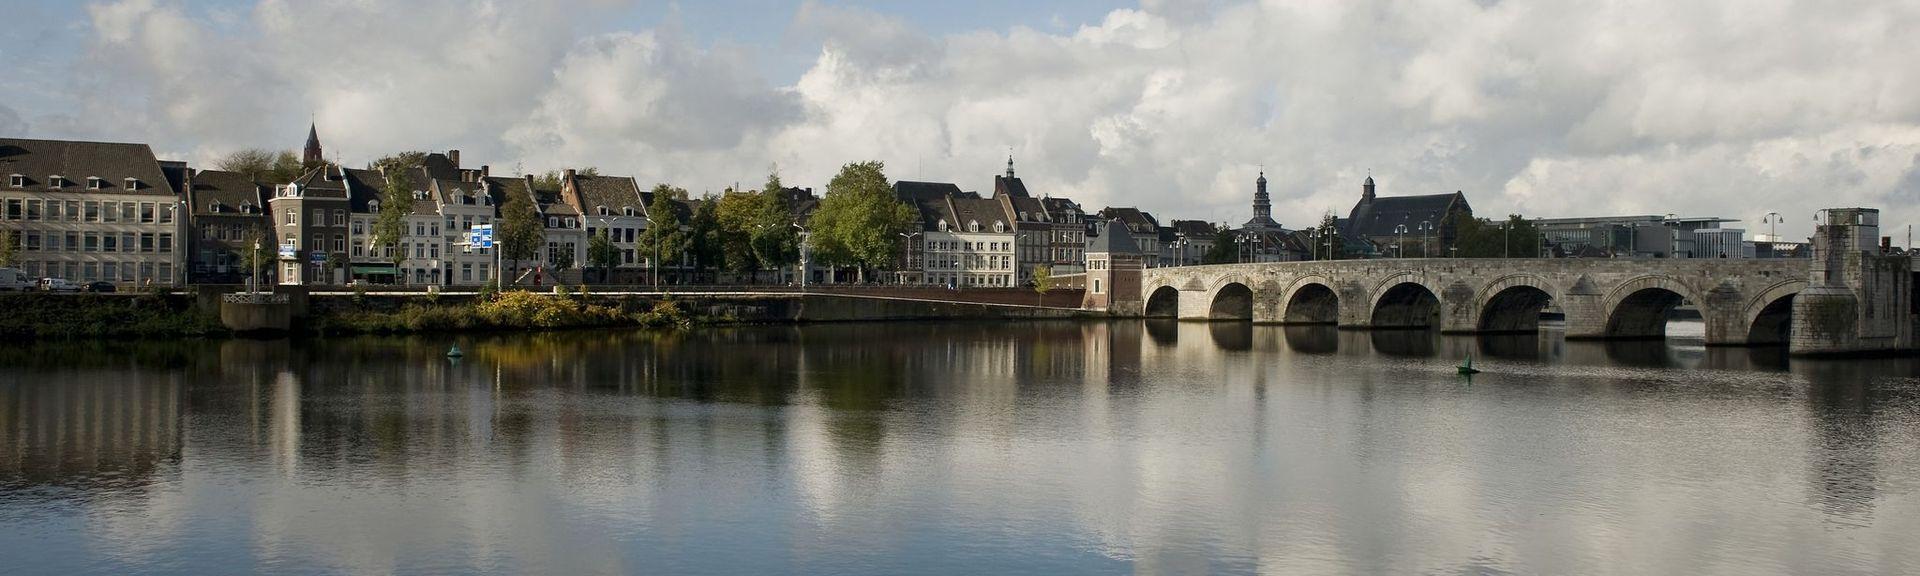 Stichting Sportpark West, Maastricht, Netherlands